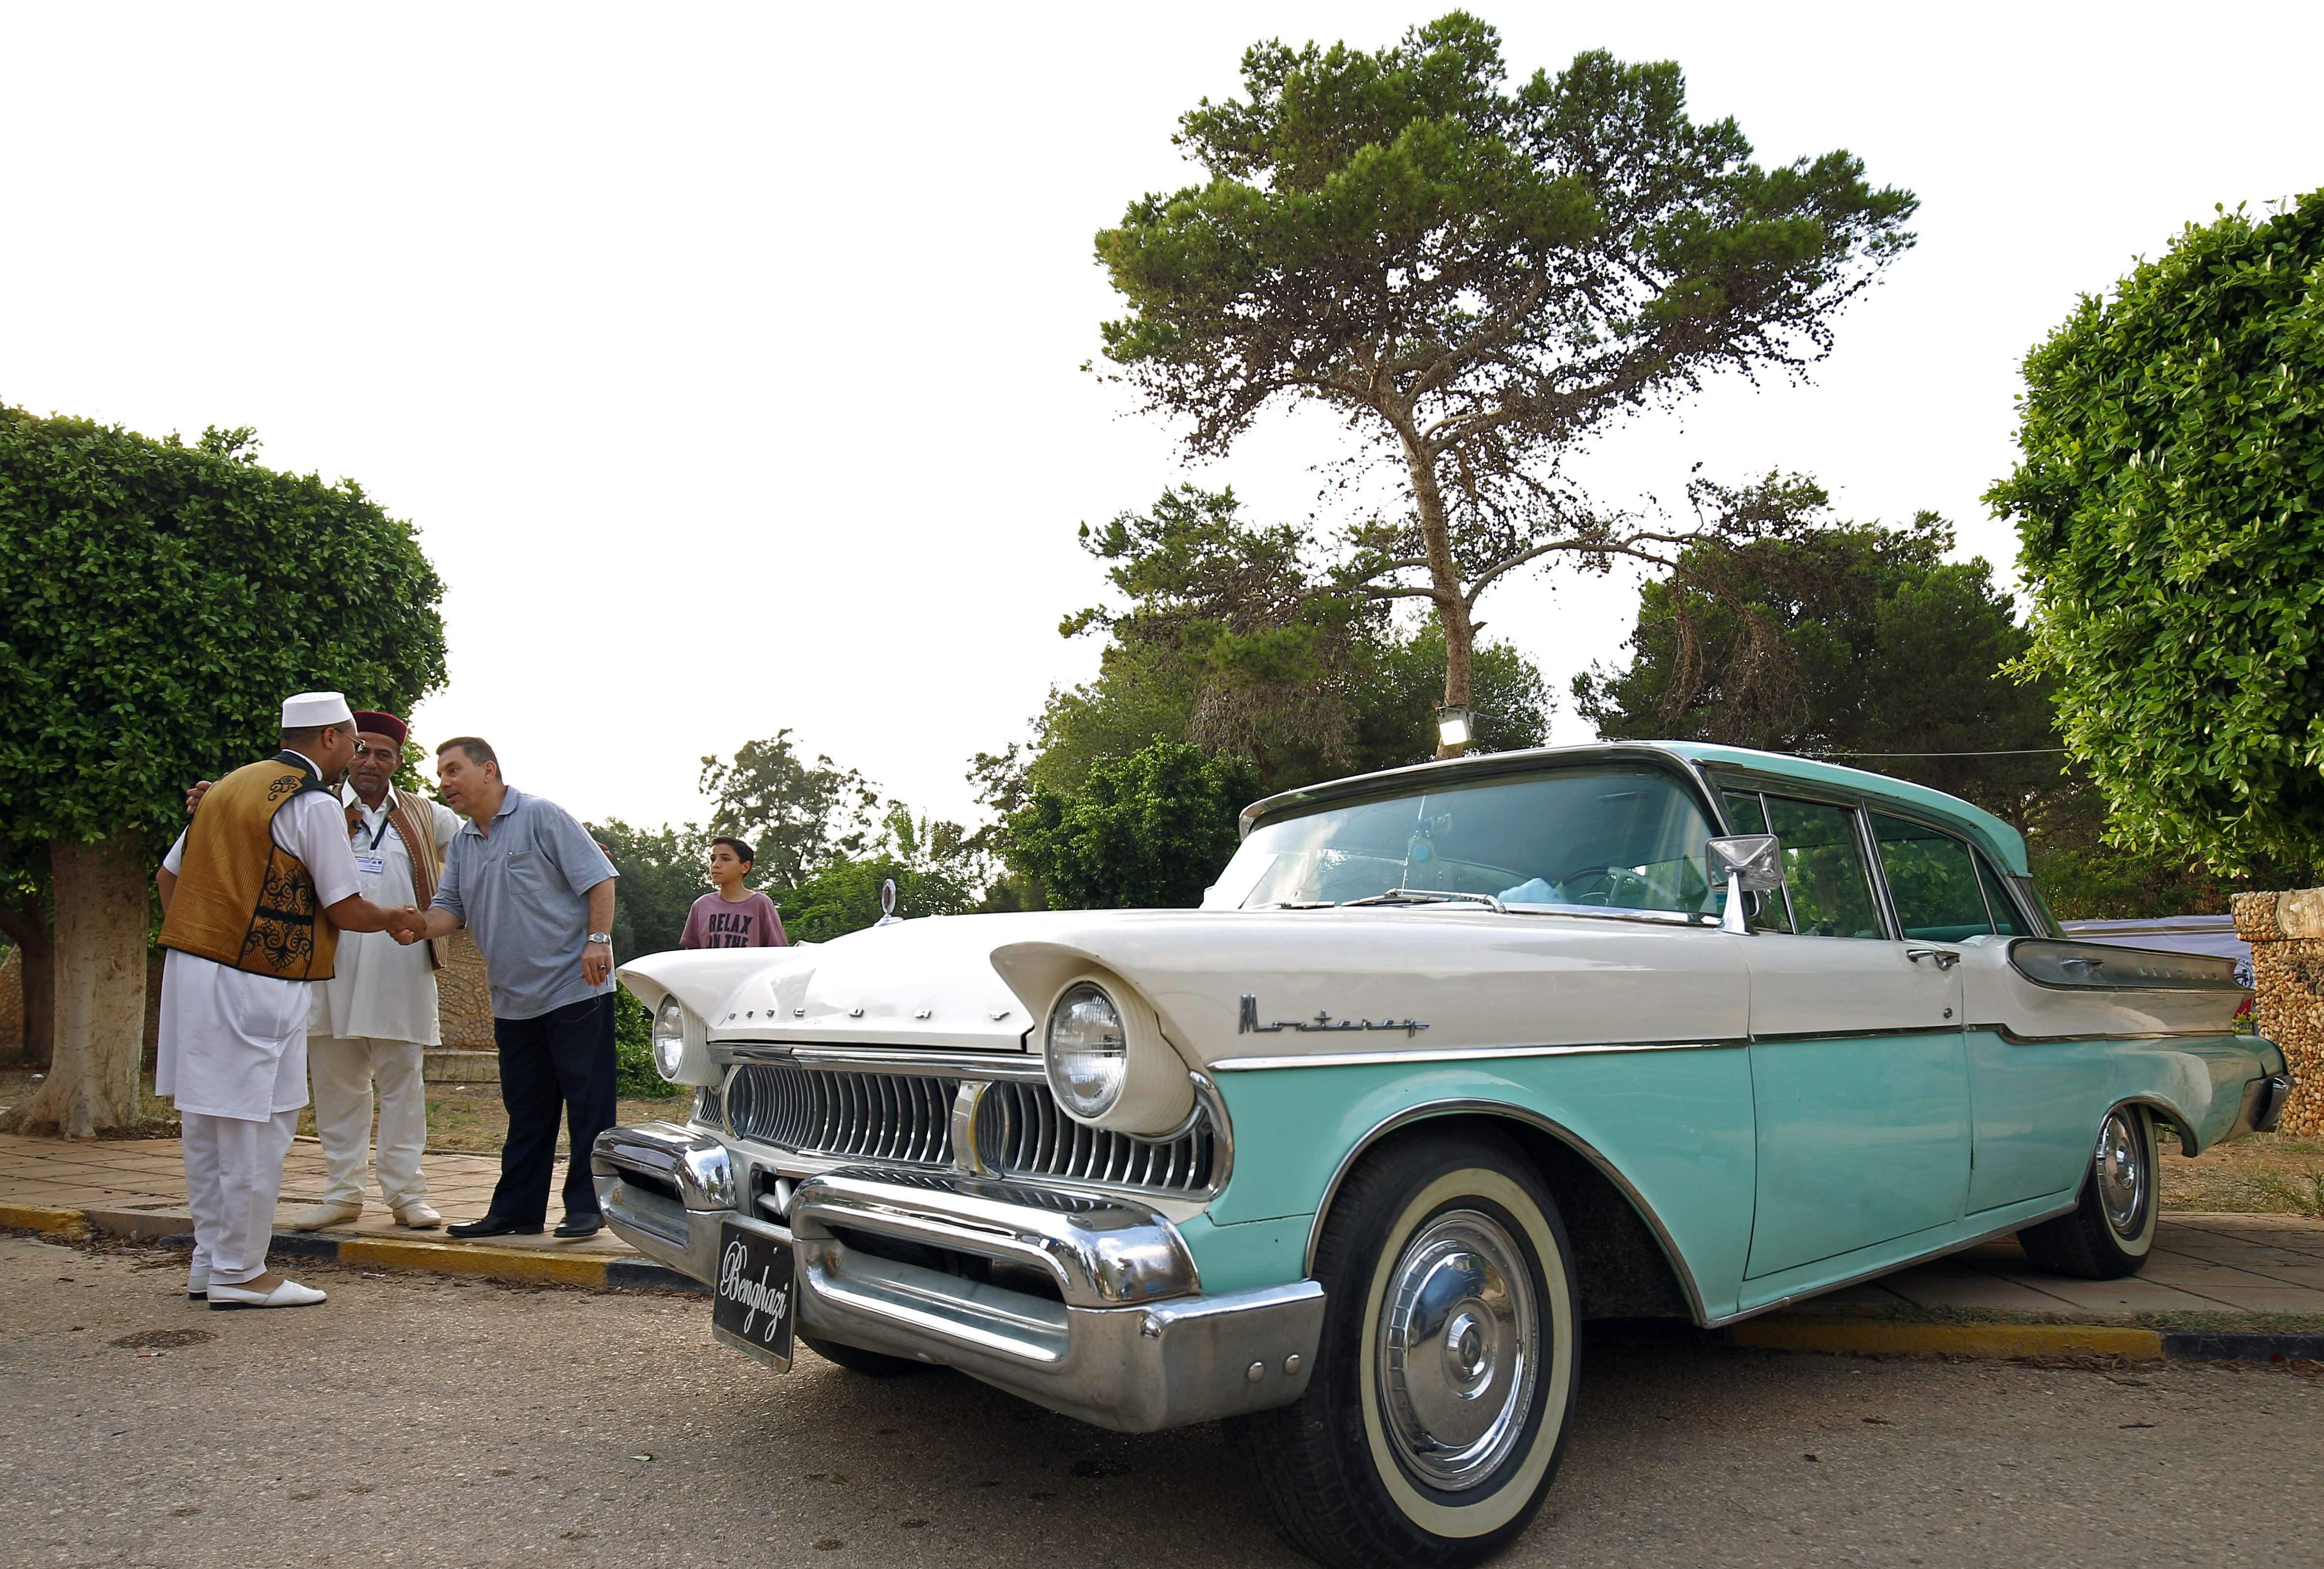 LIBYA-HOBBY-CARS